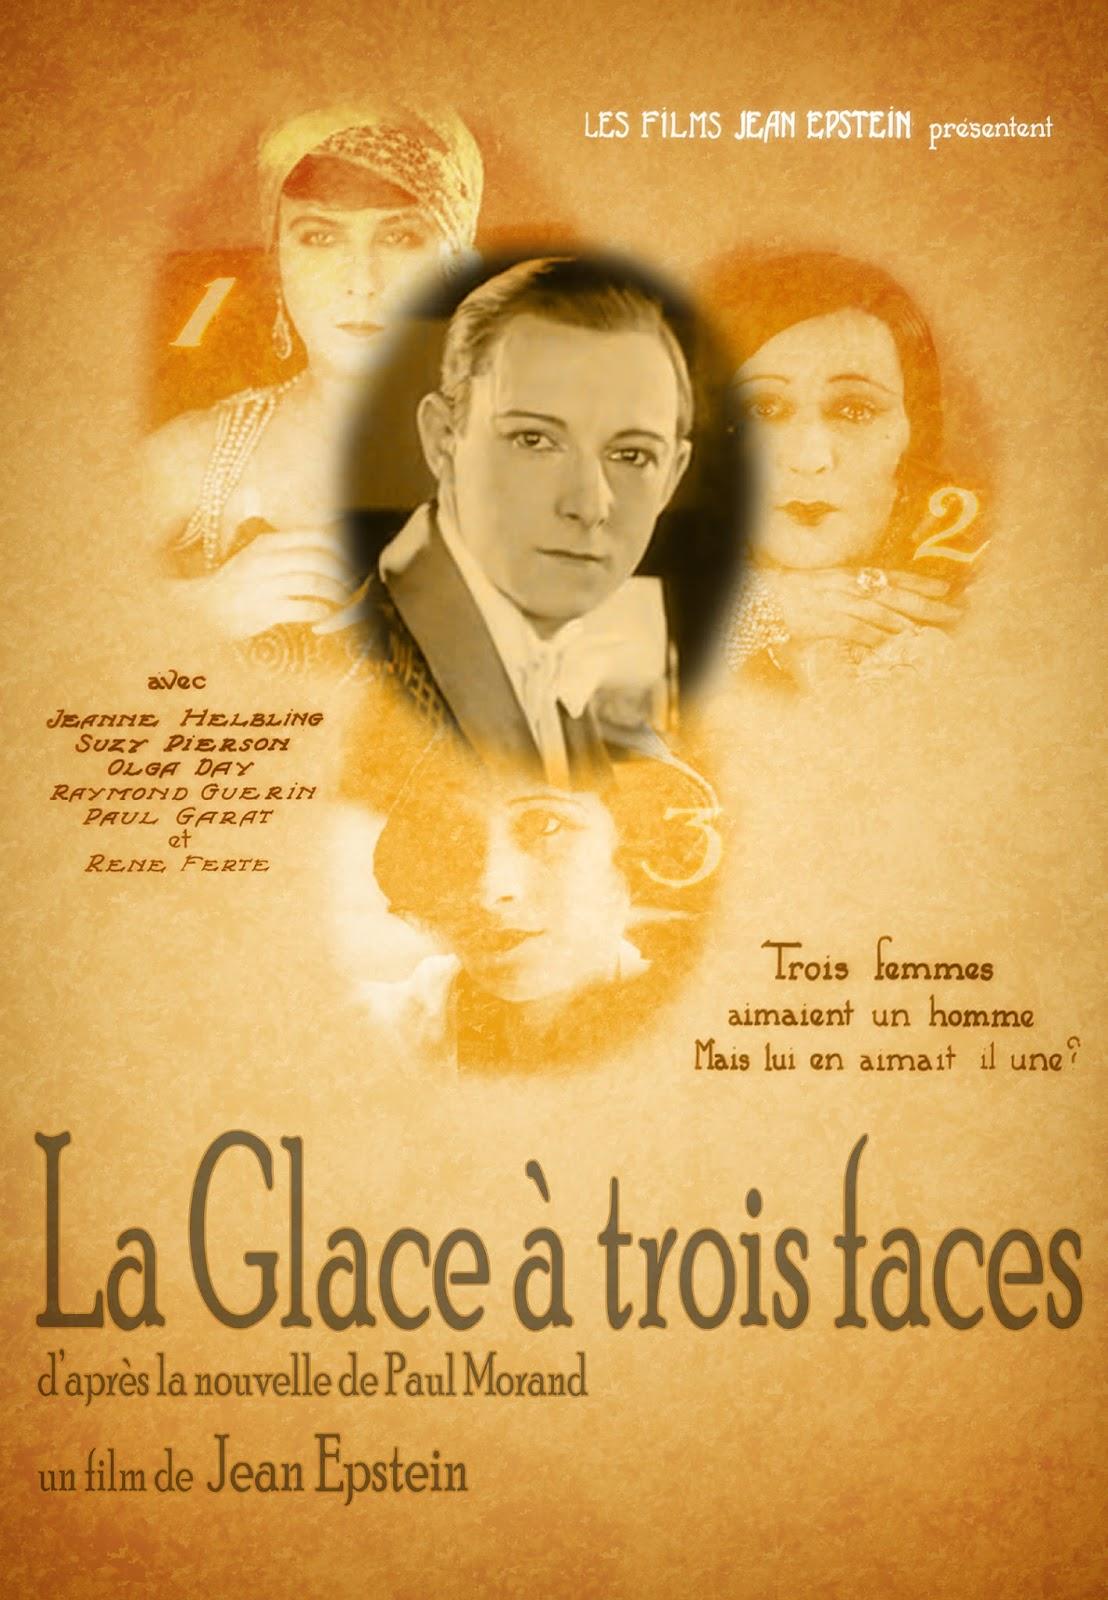 http://www.dvdclassik.com/upload/images/affiches/la-glace-a-trois-faces.jpg